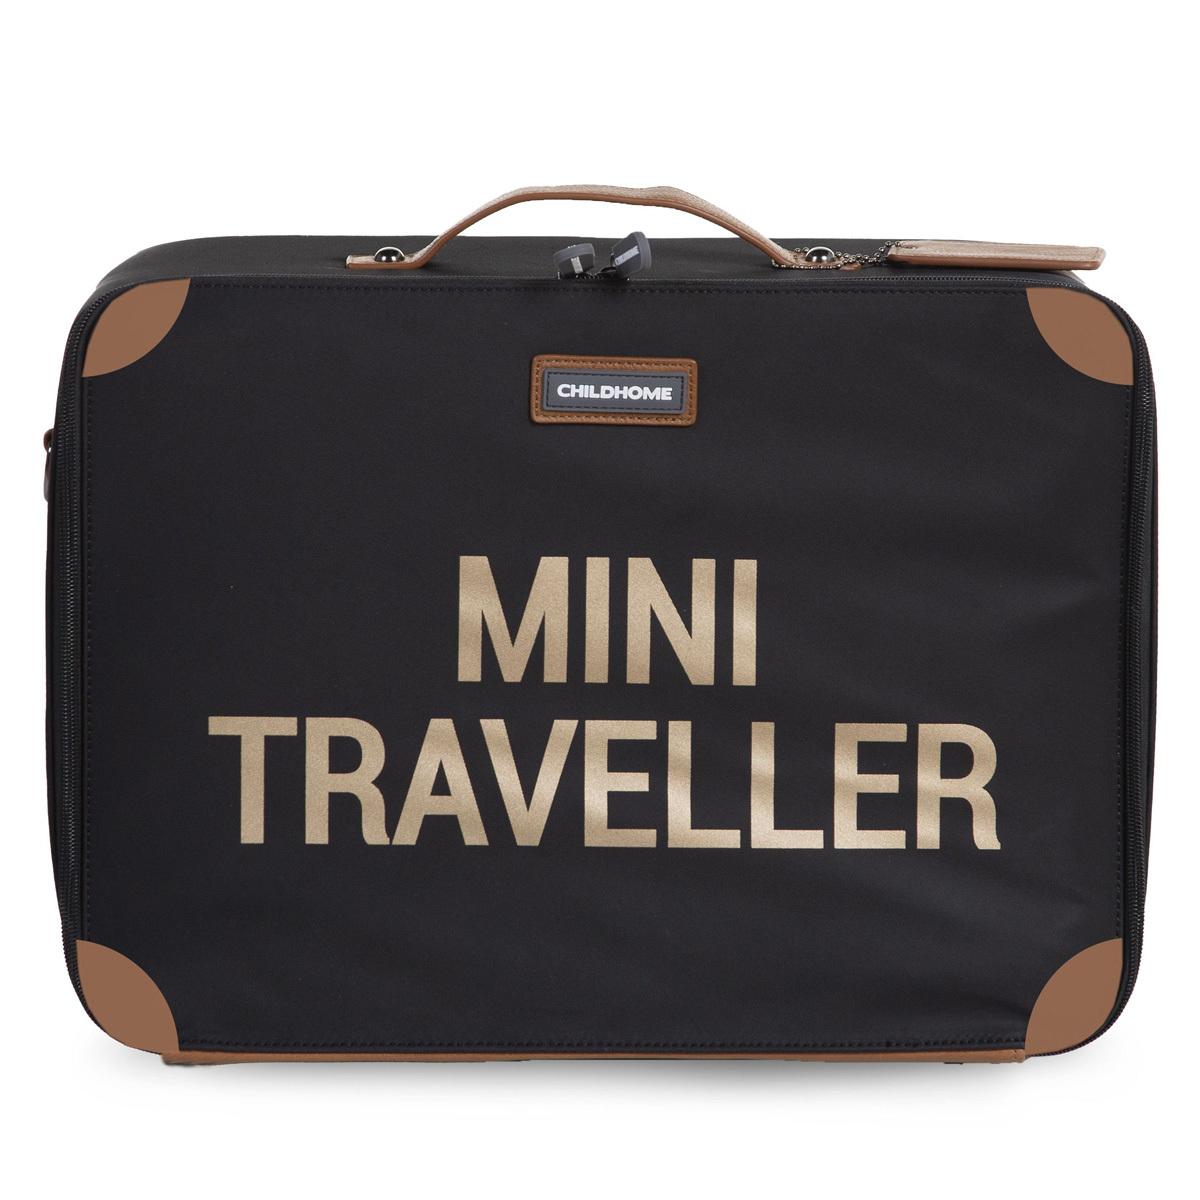 Bagagerie enfant Valise Mini Traveller - Noir et Or Valise Mini Traveller - Noir et Or